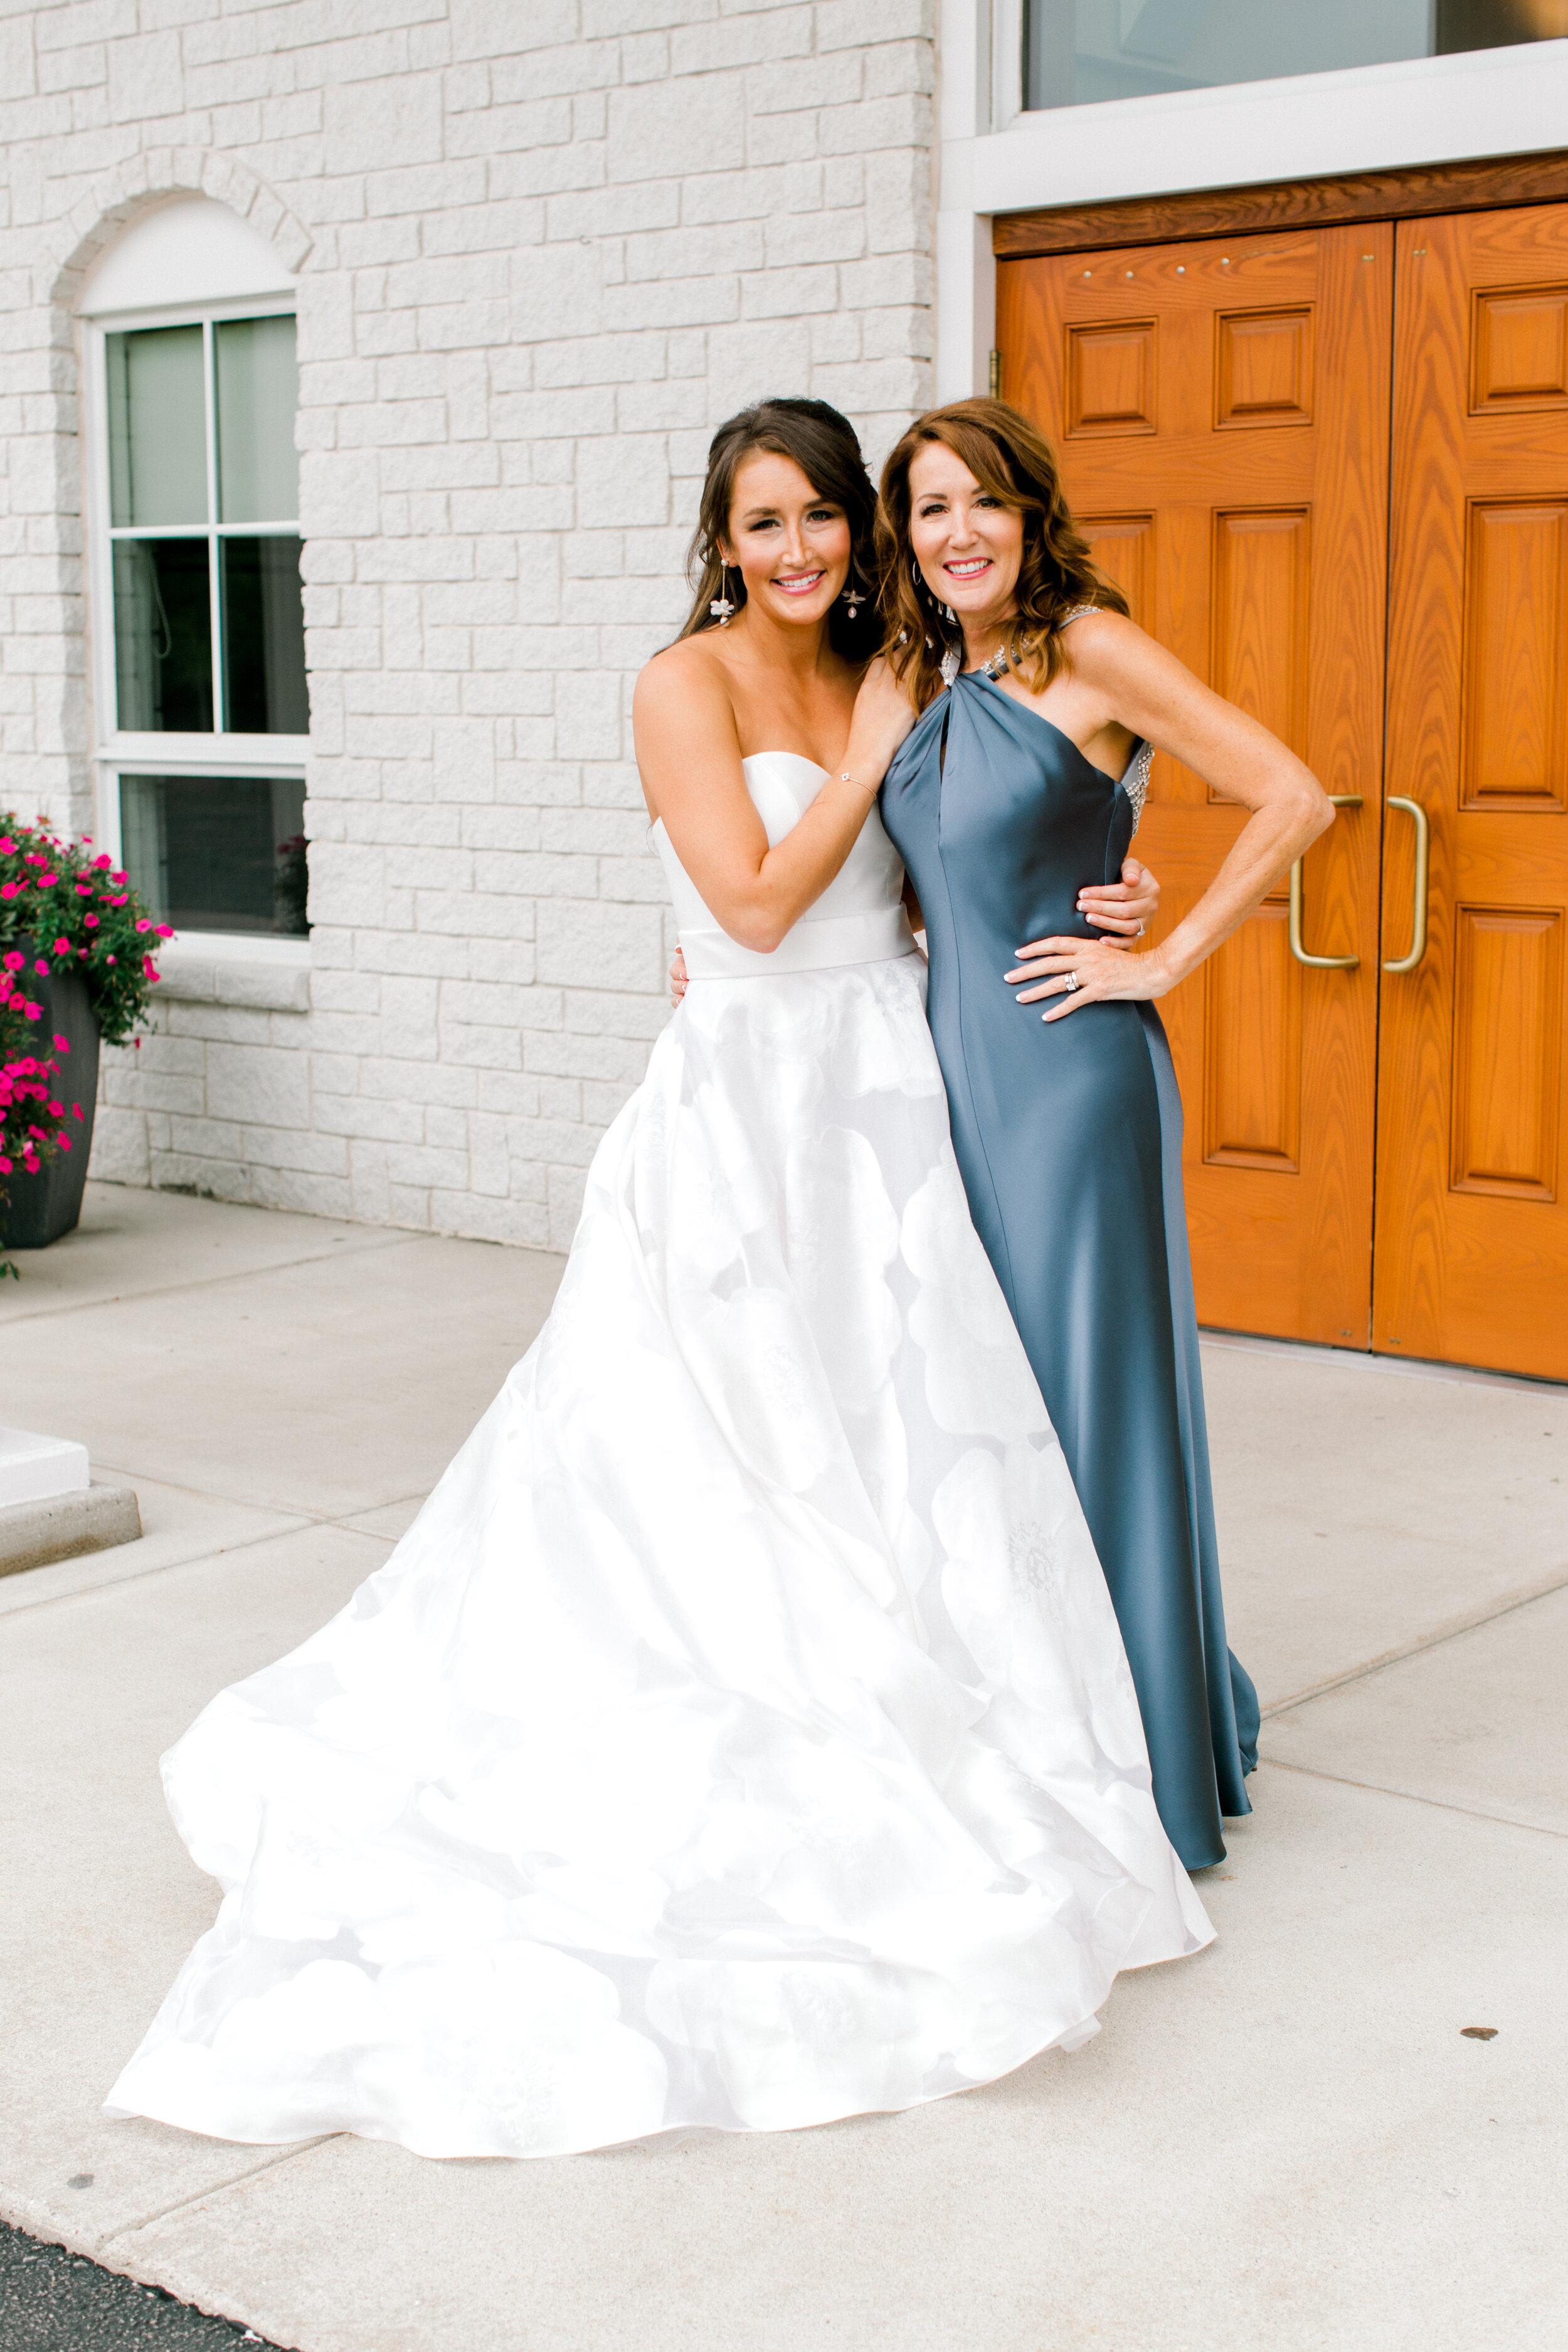 Kuiper+Wedding+Getting+Ready-232.jpg